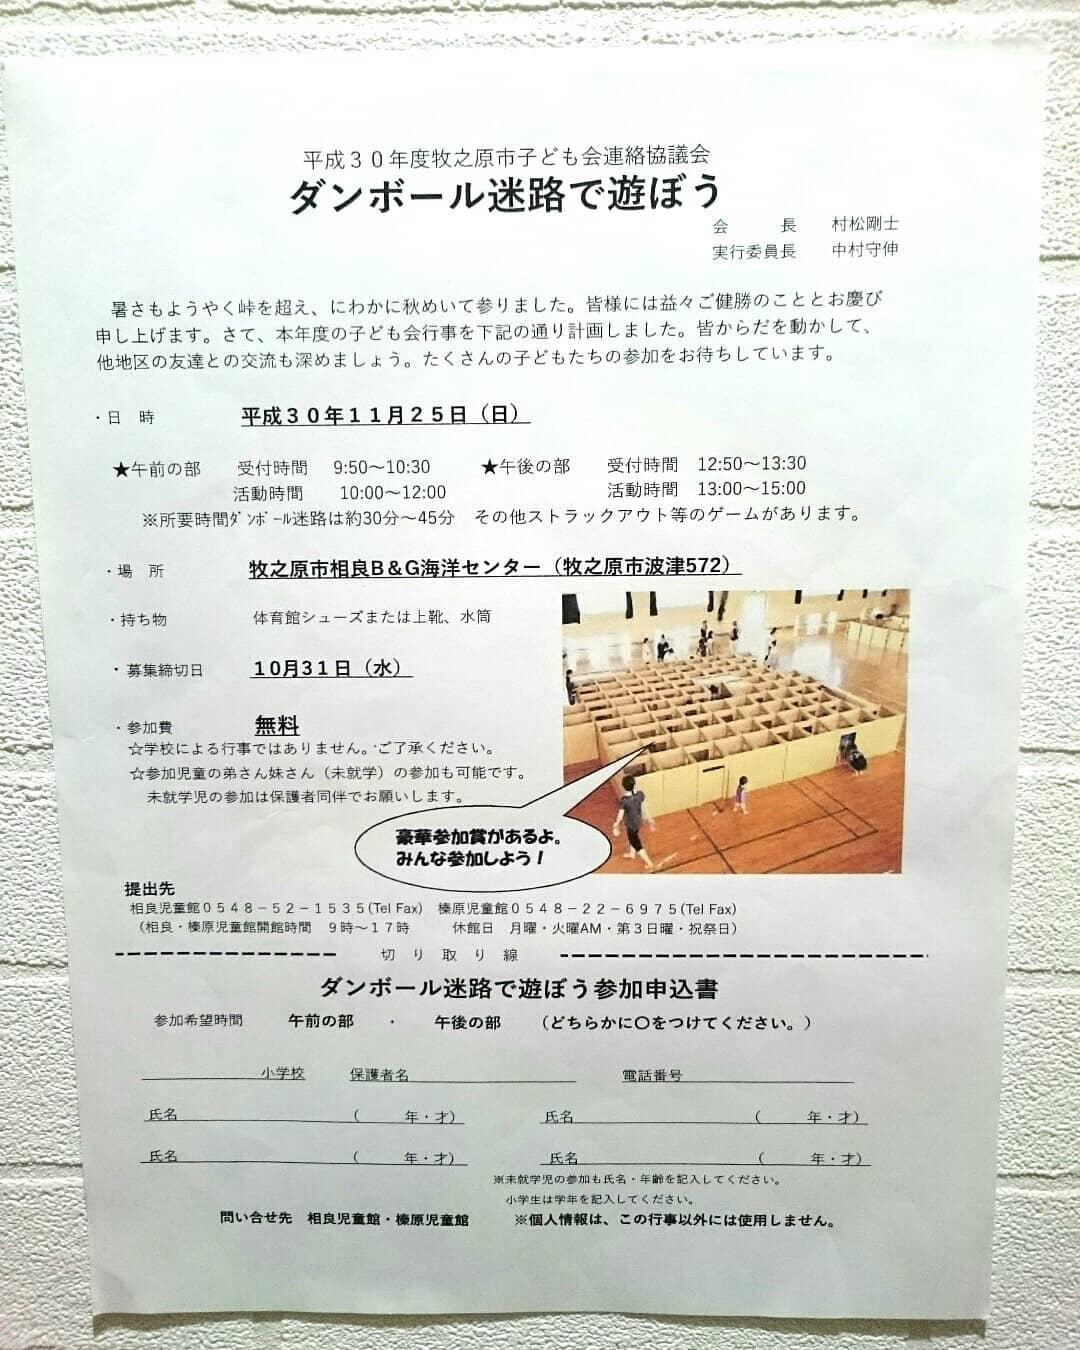 牧之原市子ども会連絡協議会主催イベント『ダンボール迷路で遊ぼう』☝